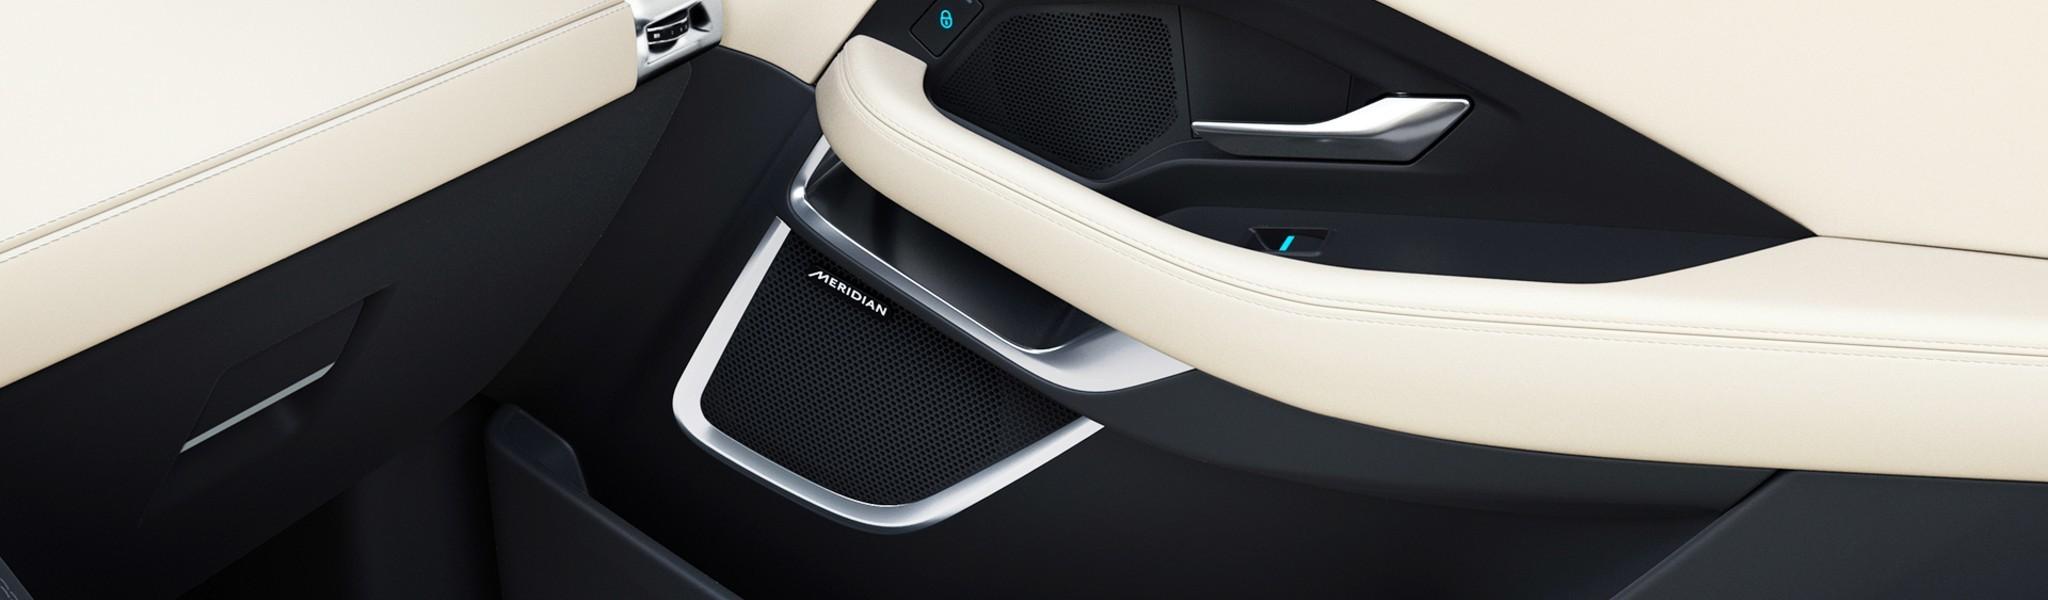 Meridian Sound System Jaguar E PACE